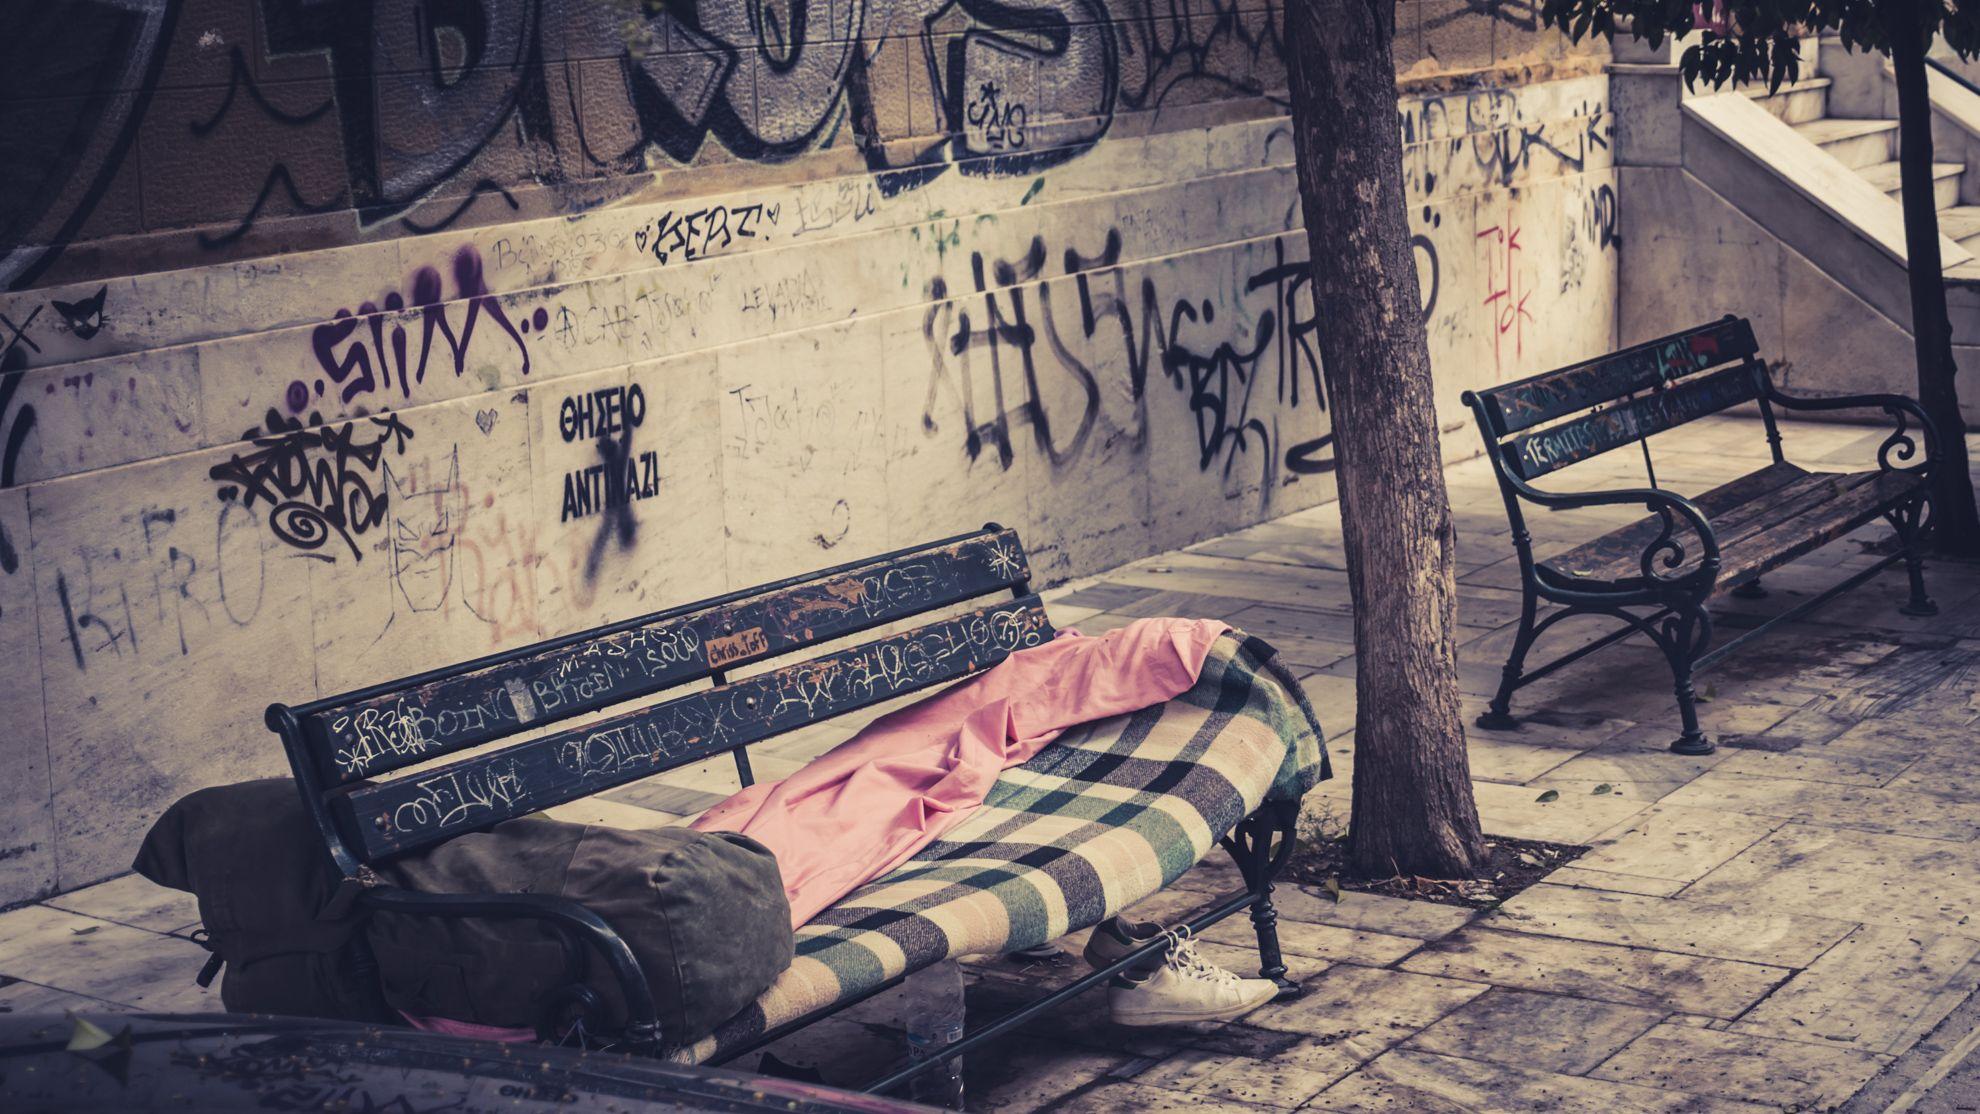 Ławka bezdomnego, Ateny, Grecja